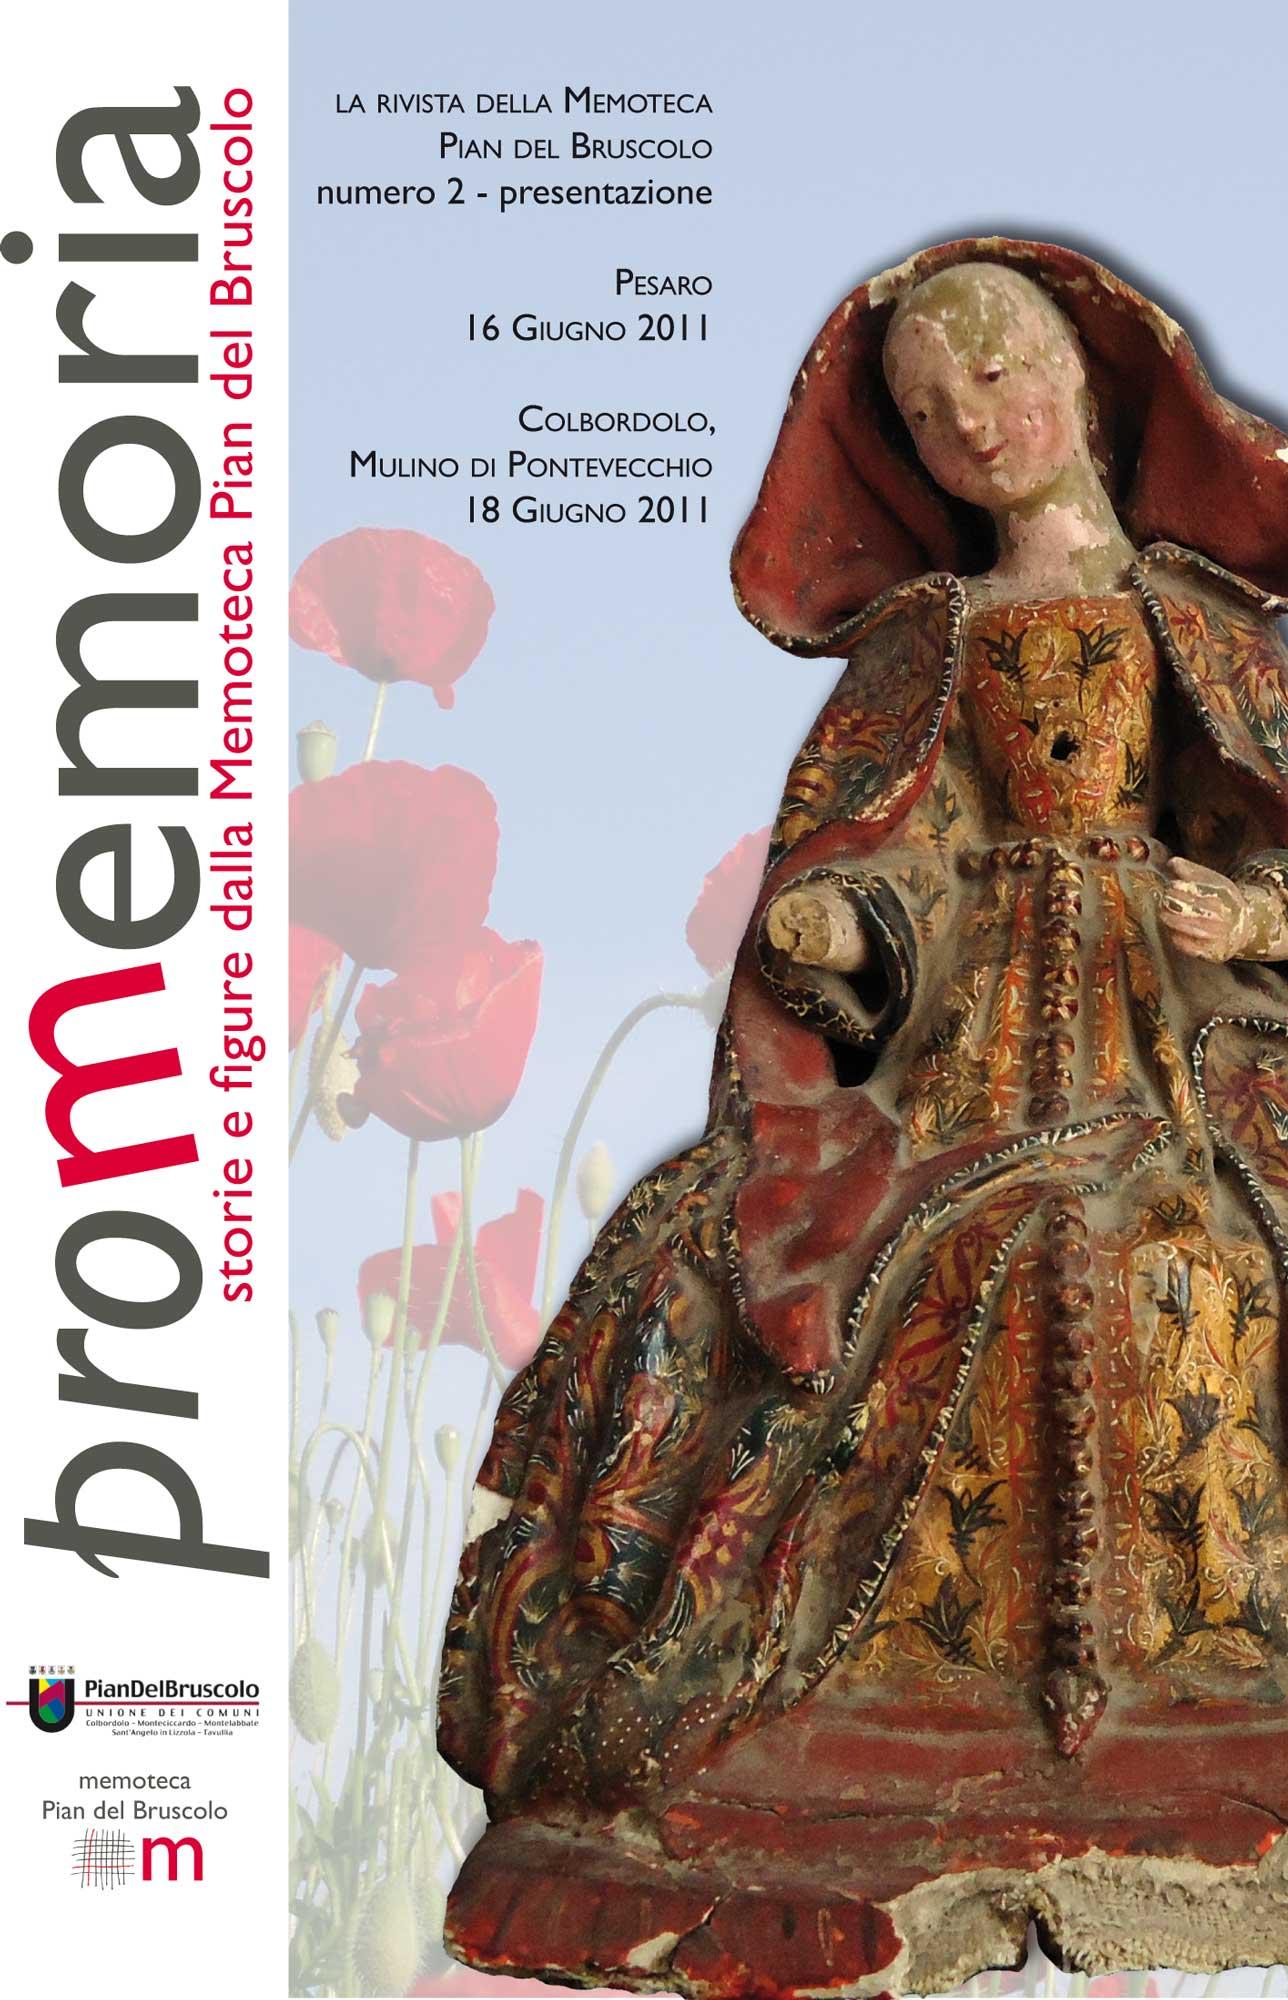 Memoteca Pian del Bruscolo - 2011